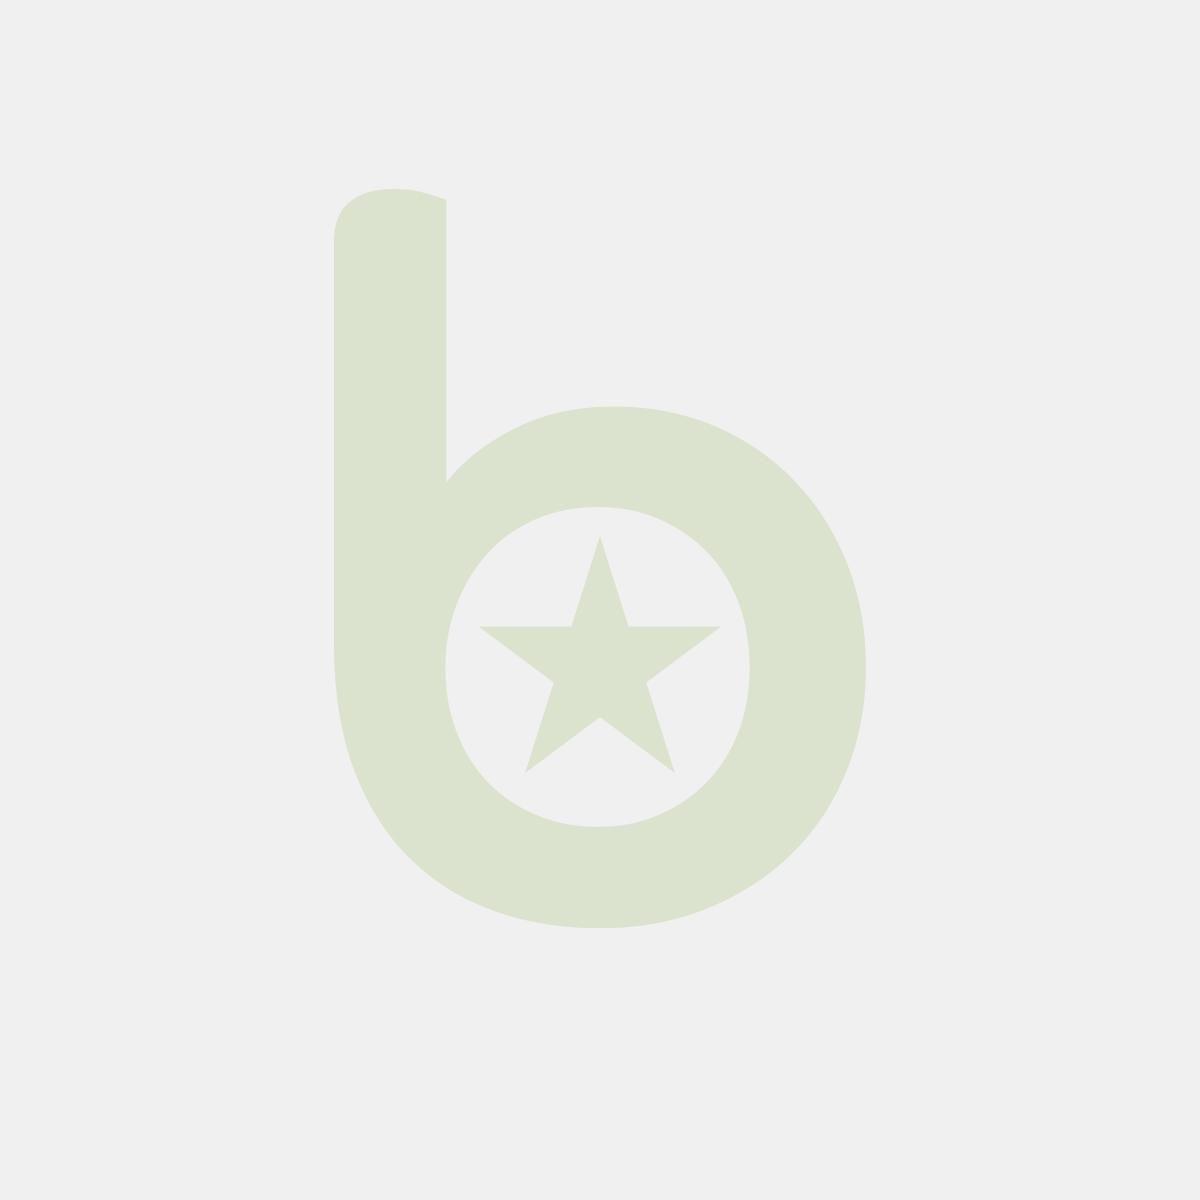 Ramka, matryca do tacek AG02 227x178 trójdzielna pojemniki ANIS, DUNI, MCS